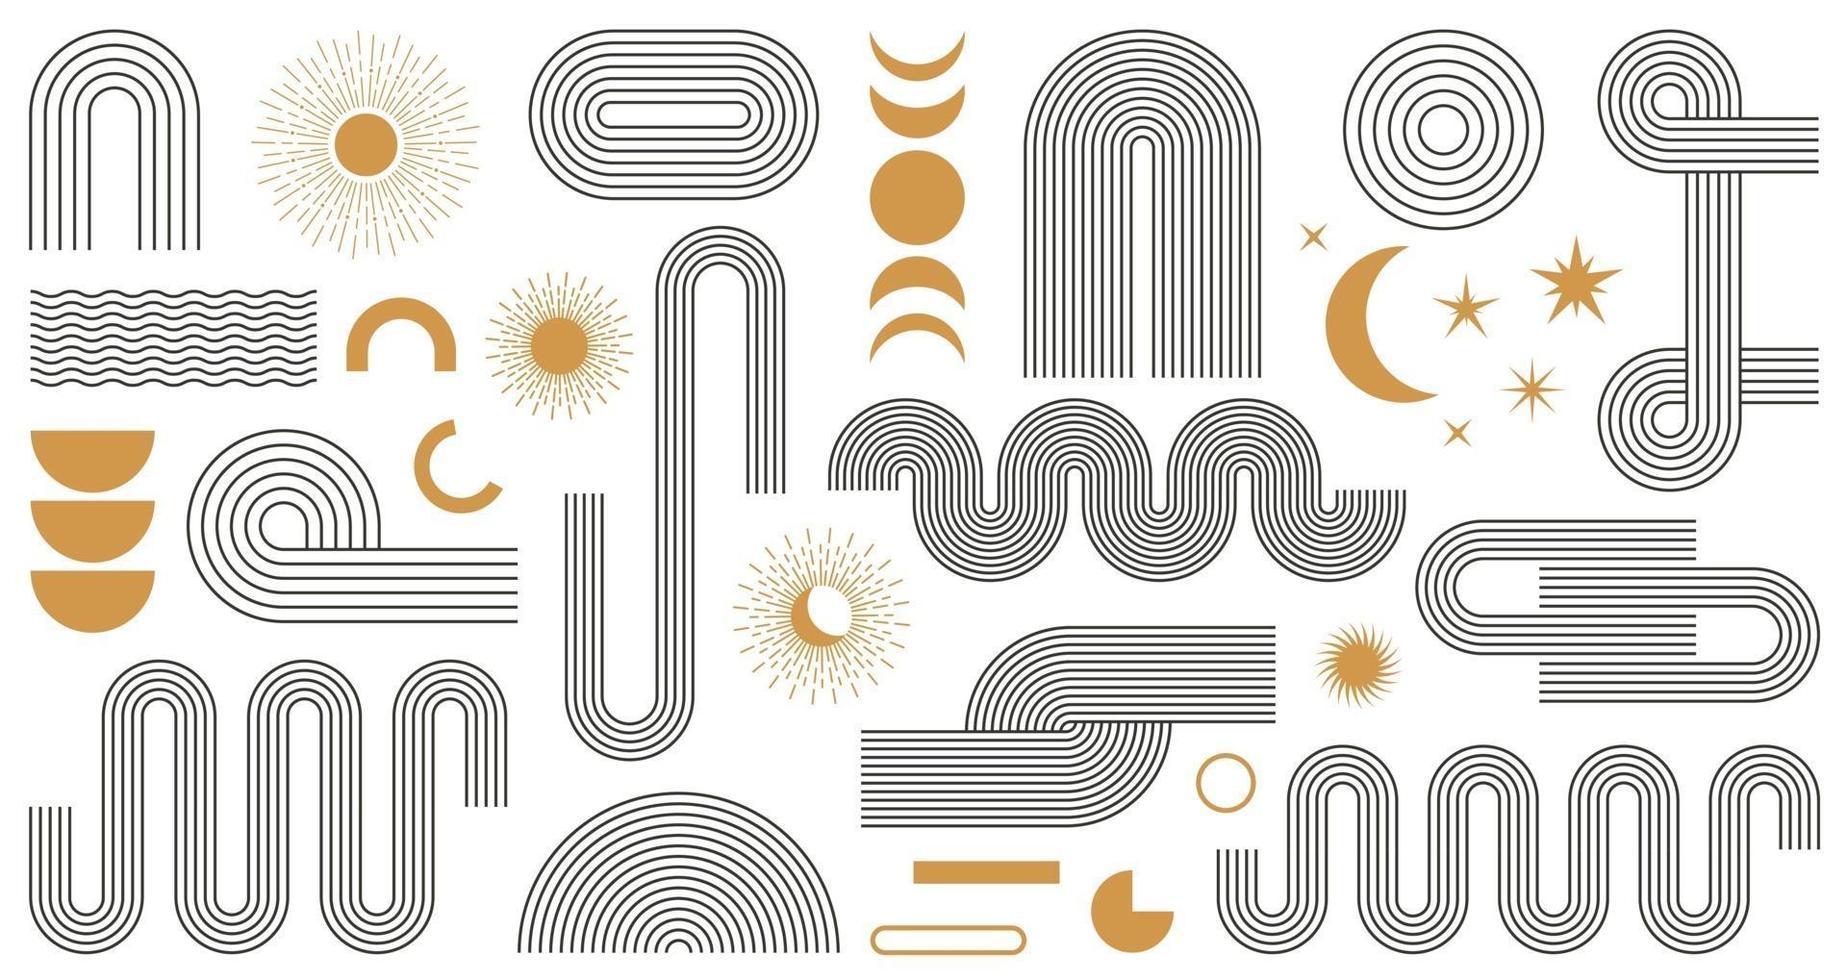 Conjunto de formas geométricas estéticas boho abstracto. Diseño contemporáneo de líneas de mediados de siglo con fases de sol y luna, estilo bohemio de moda. ilustración vectorial moderna vector